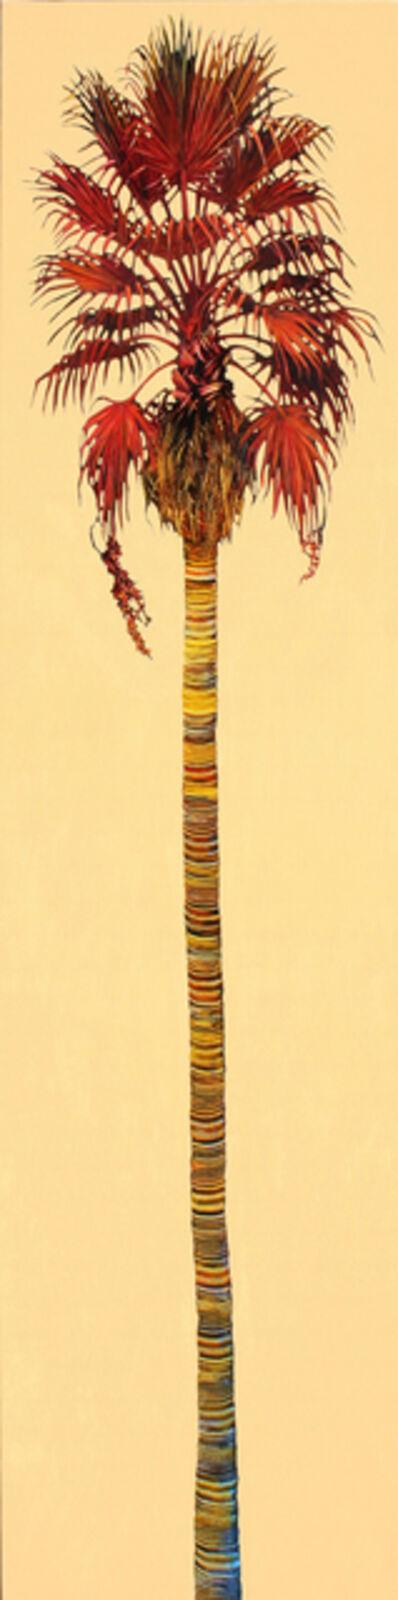 Robert Dunahay, 'Tallen', 2012